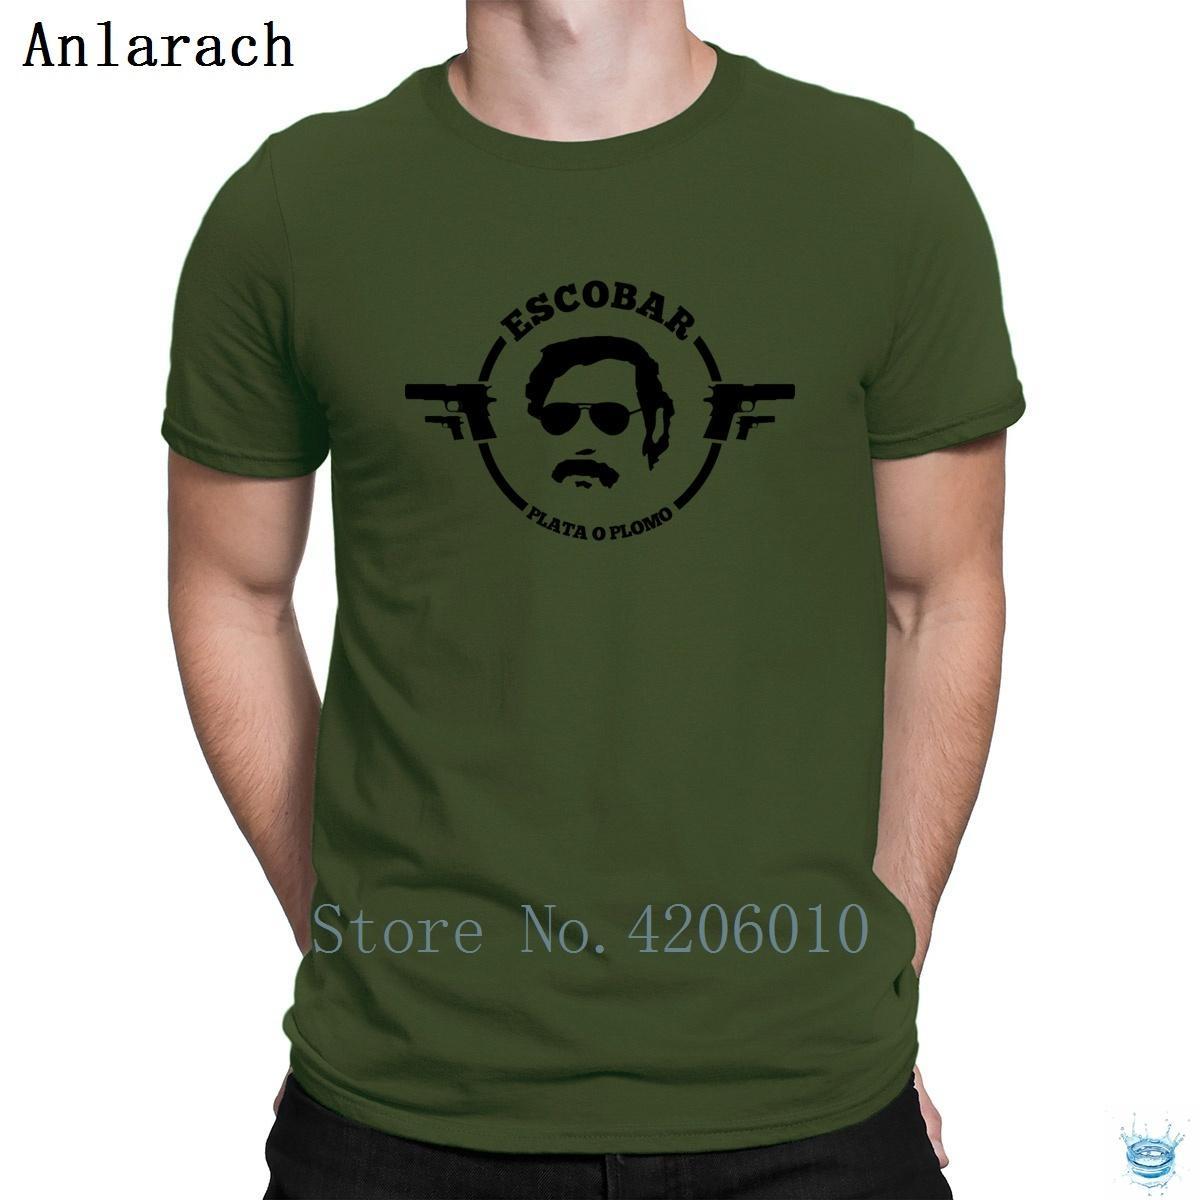 Pablo Escobar Plata O Plomo Magliette Umoristico Carattere Umoristico Nuovo stile T-shirt manica corta per uomo Primavera Autunno Tops Crazy Anlarach